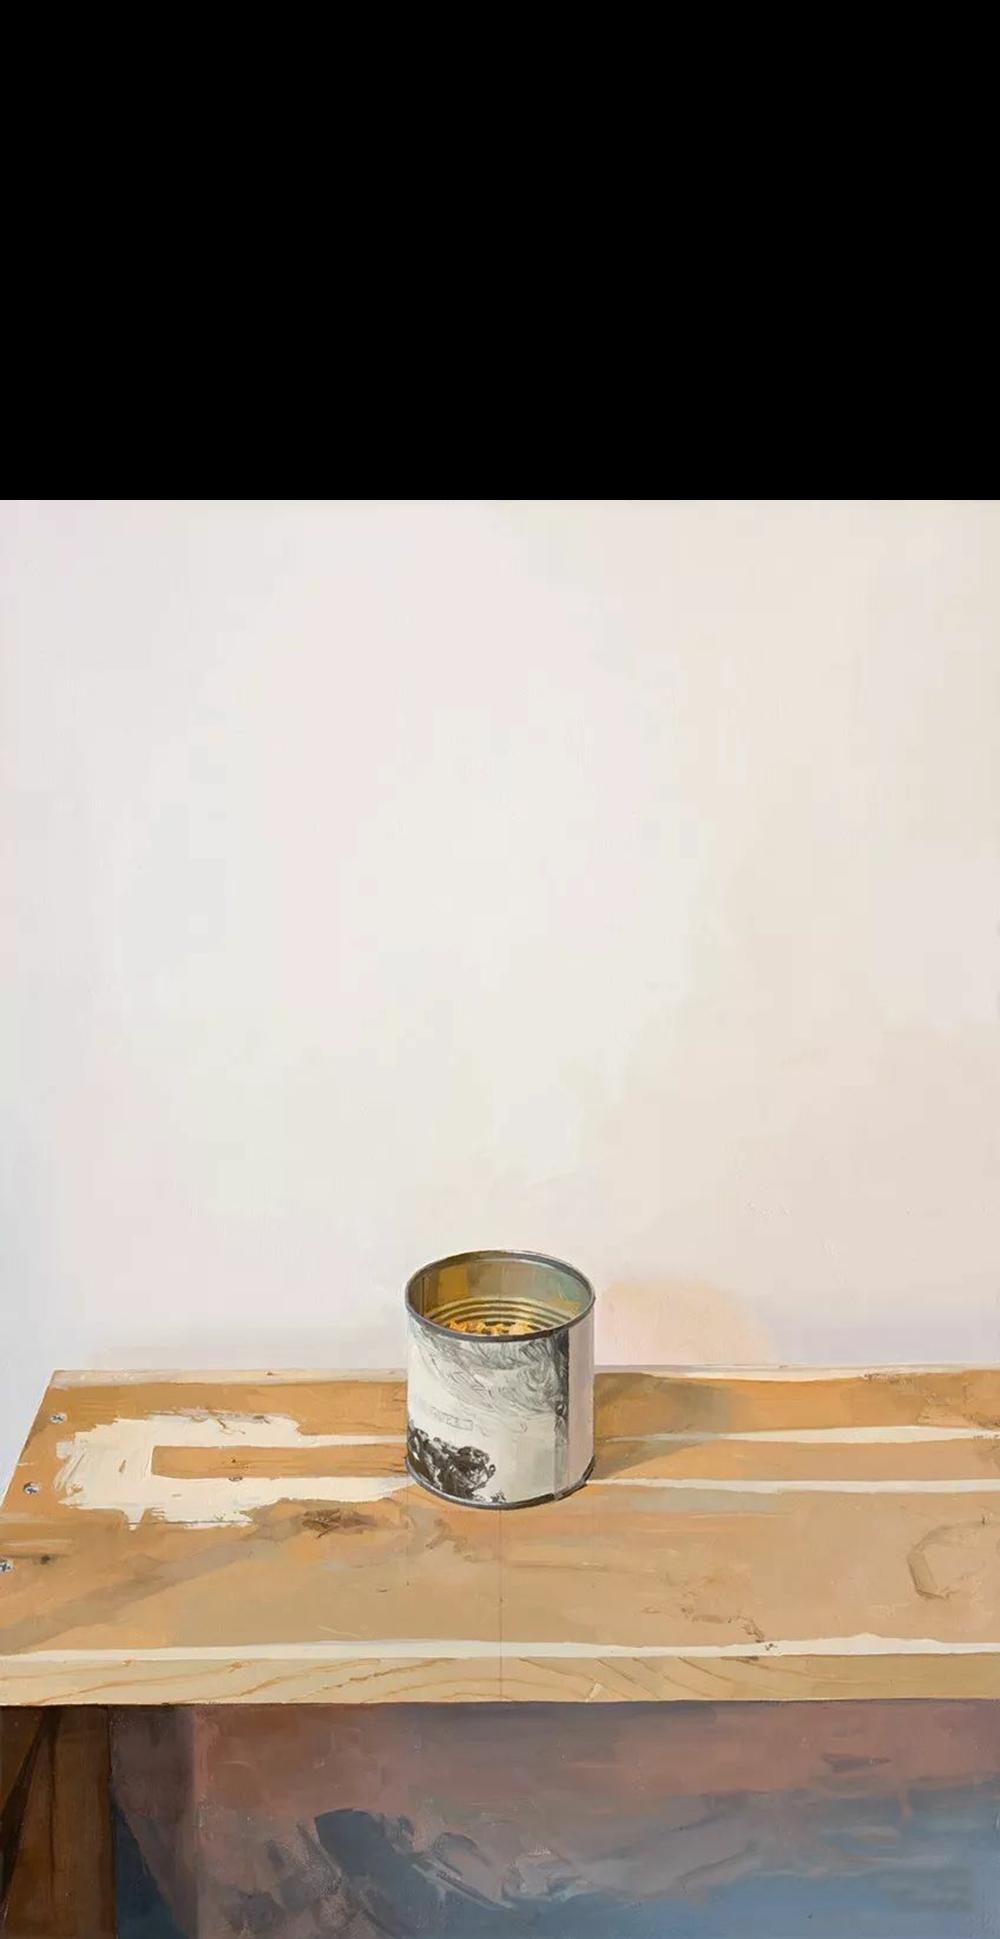 格调清雅的新写实静物写生 | Eberhardt earned 作品欣赏插图37